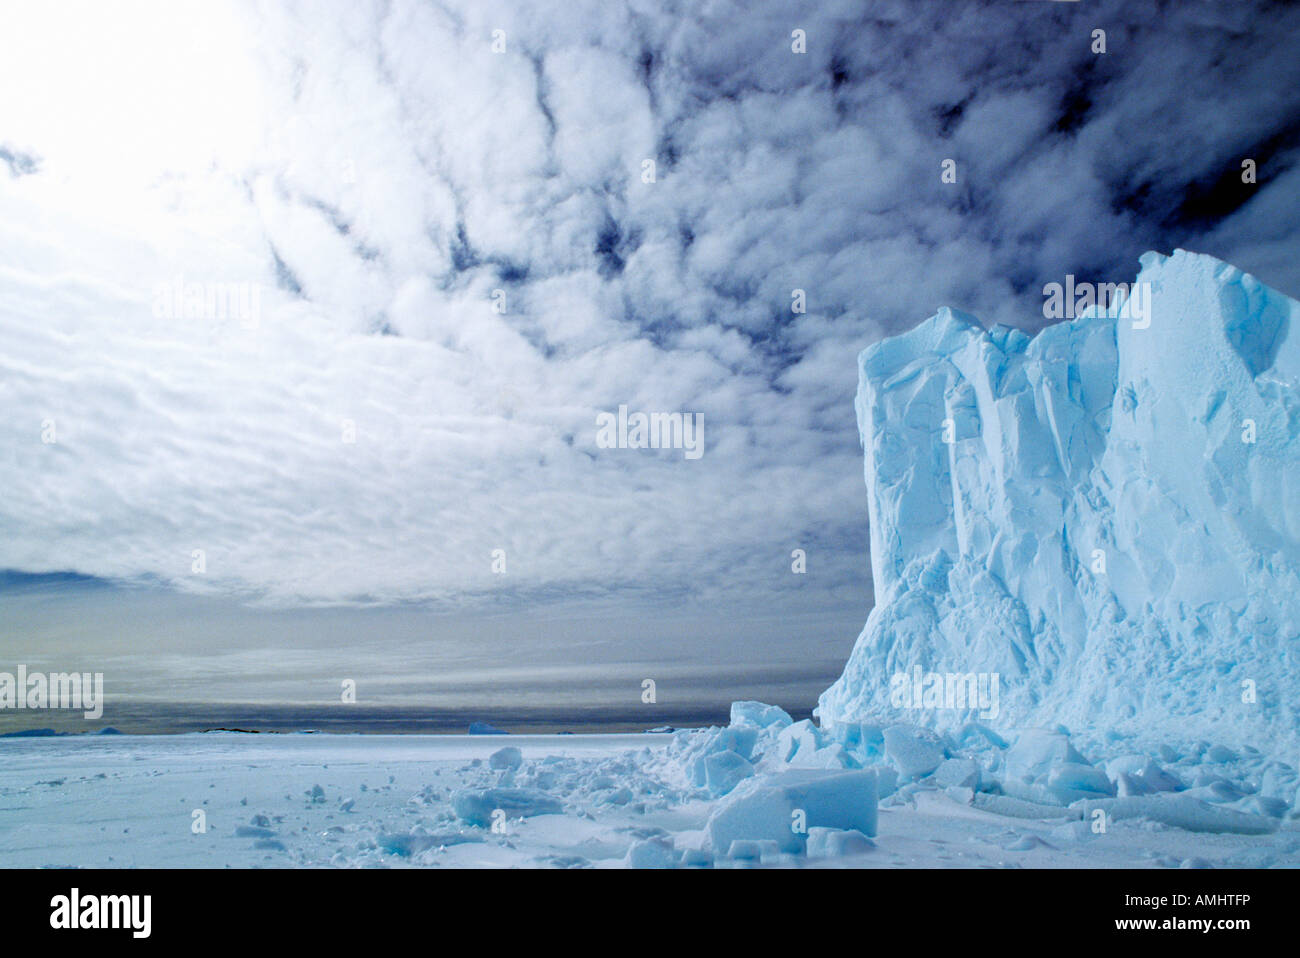 Eisberg Antarktis Antarktis Geographie Querformat Eisberg Eis Landschaften Meer der antarktische Wasser Stockbild